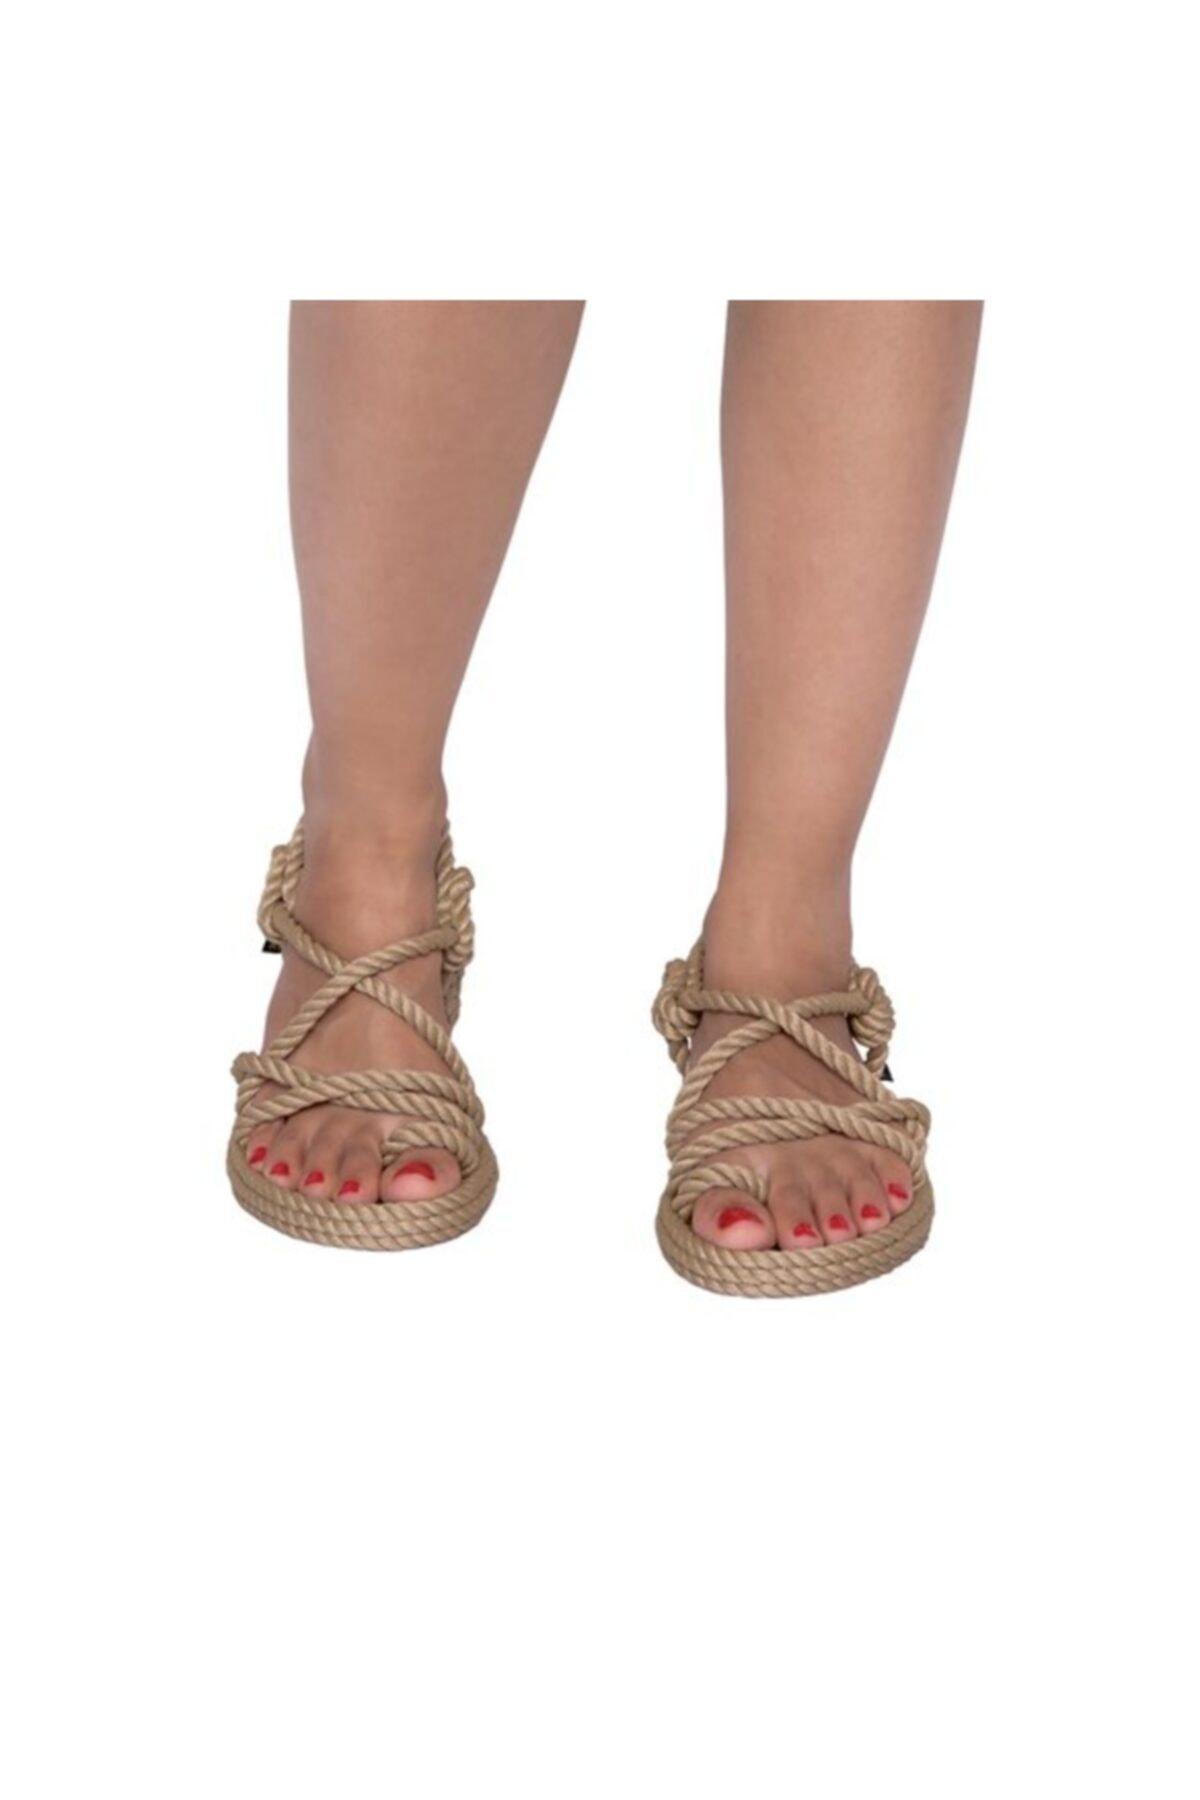 Nomadic Republic Ibiza Kadın Halat Sandalet - Bej 2